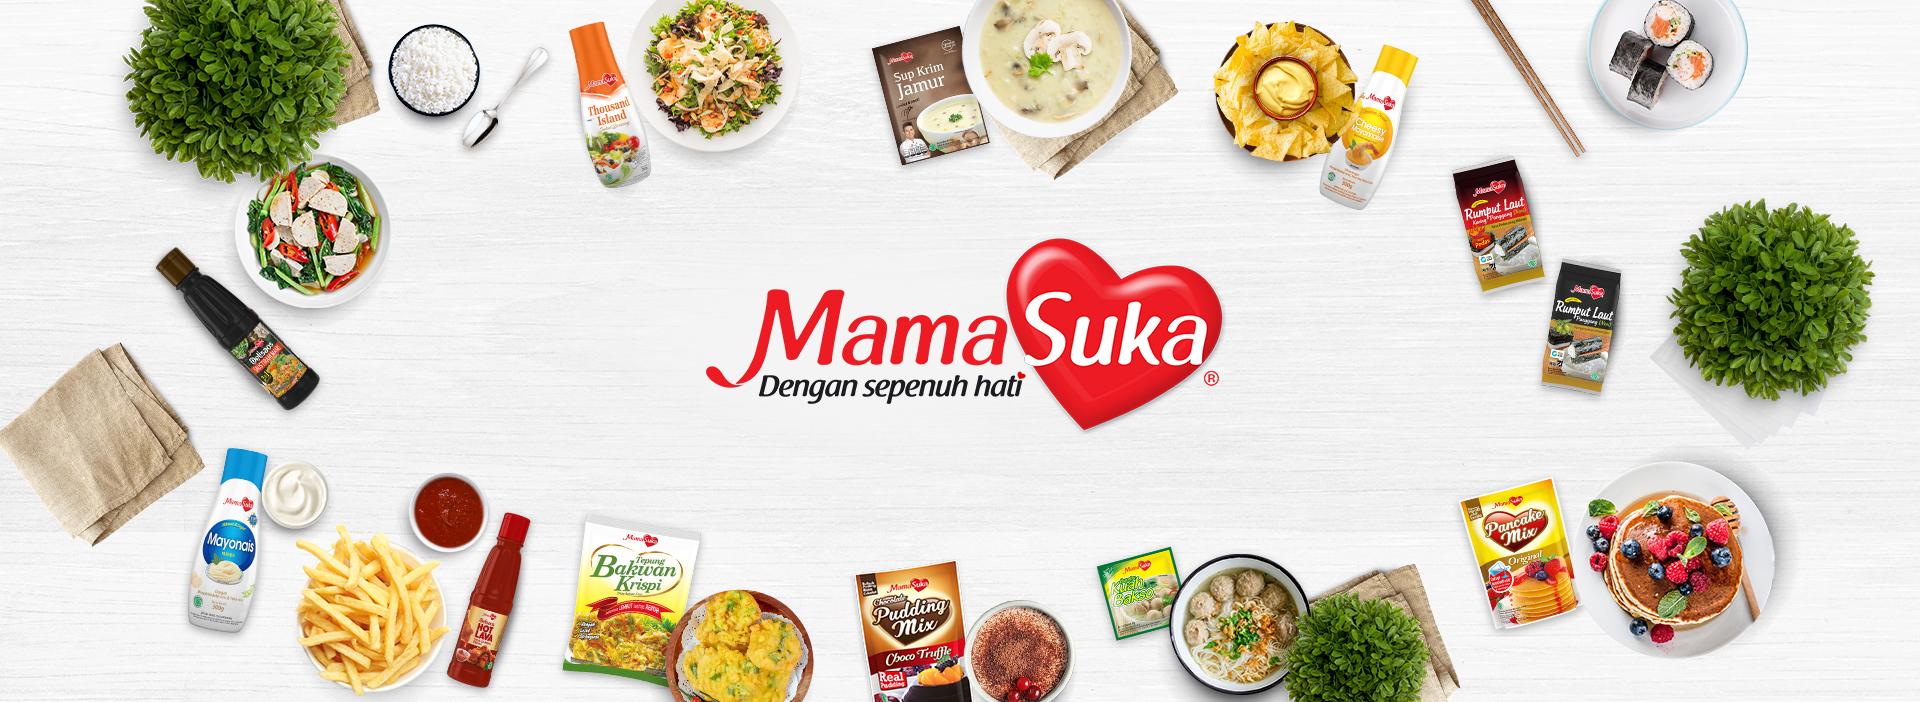 Banner MamaSuka